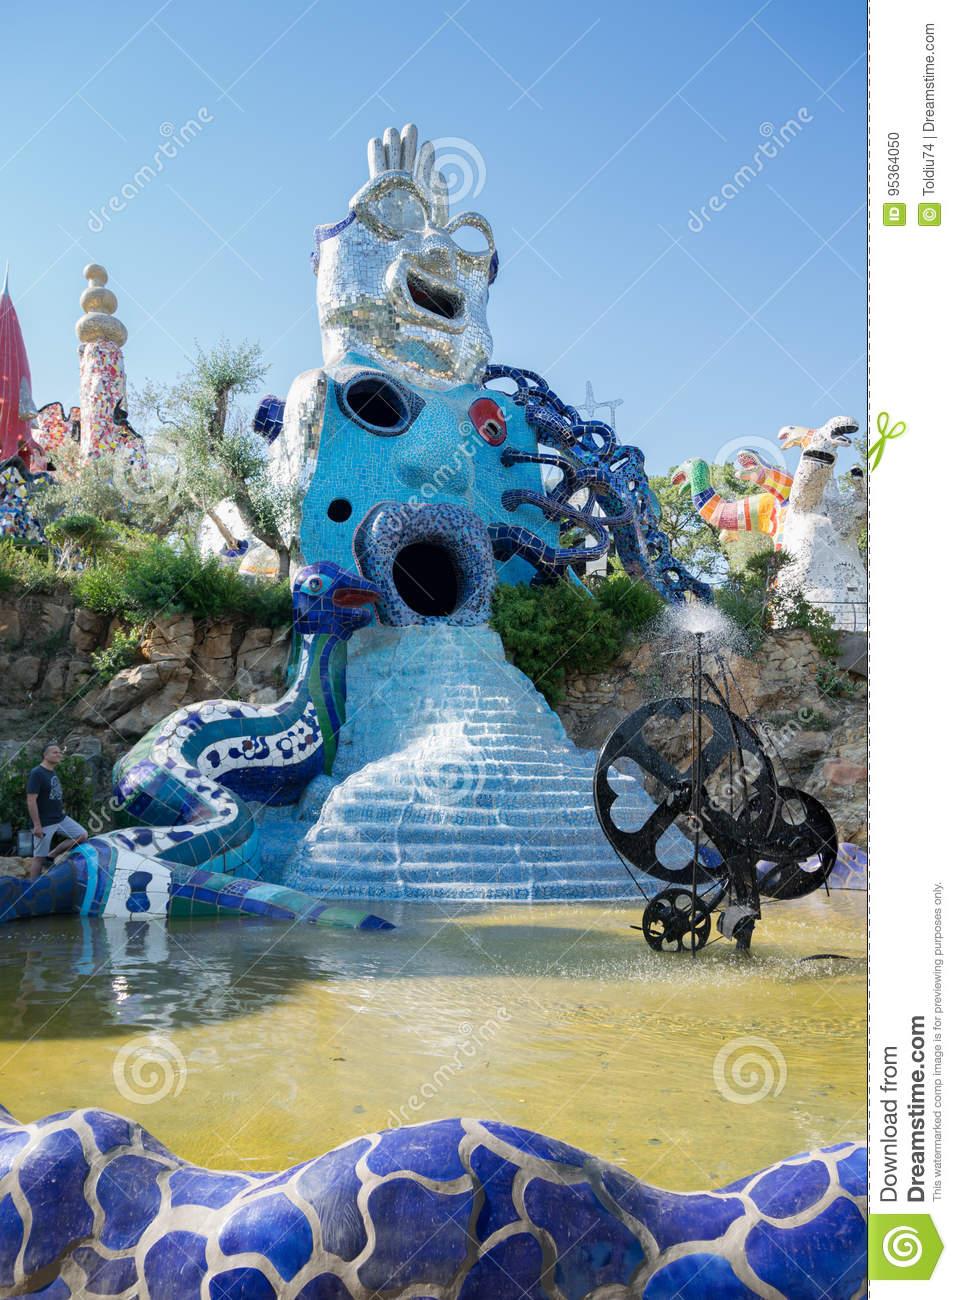 tarot garden sculpture garden based esoteric tar pescia fiorentina italy june created french artist niki